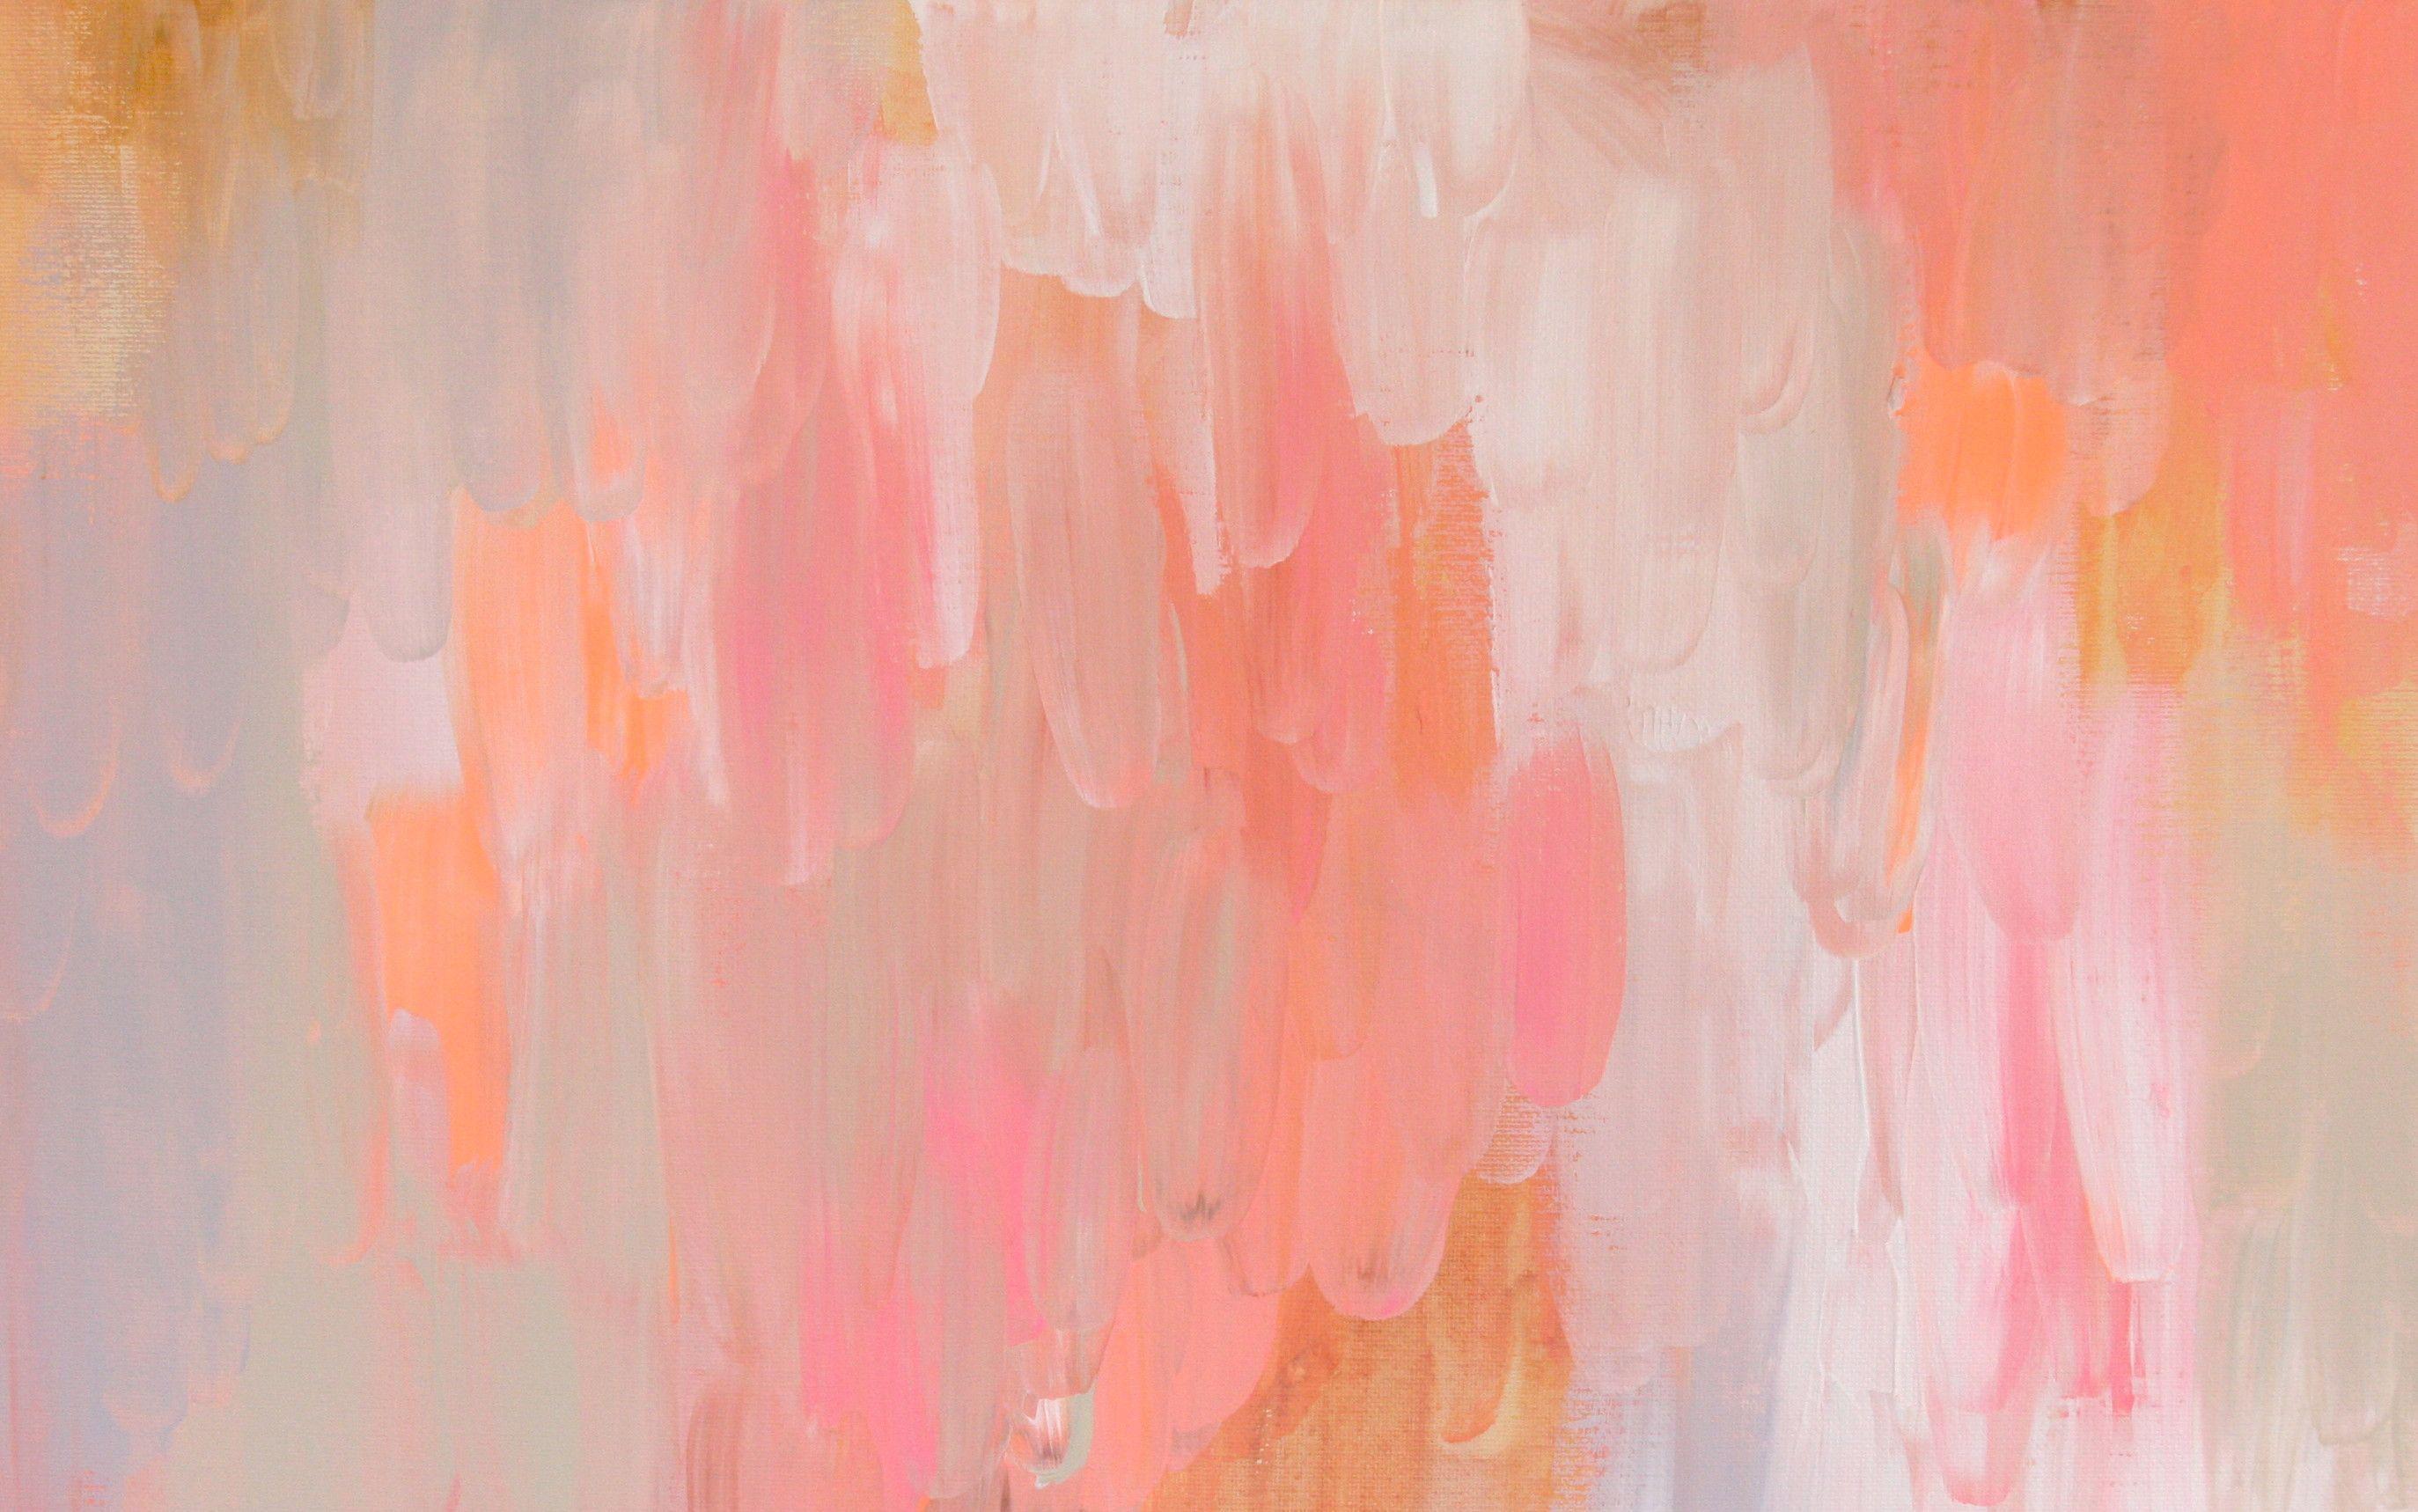 Art Desktop Wallpapers Top Free Art Desktop Backgrounds